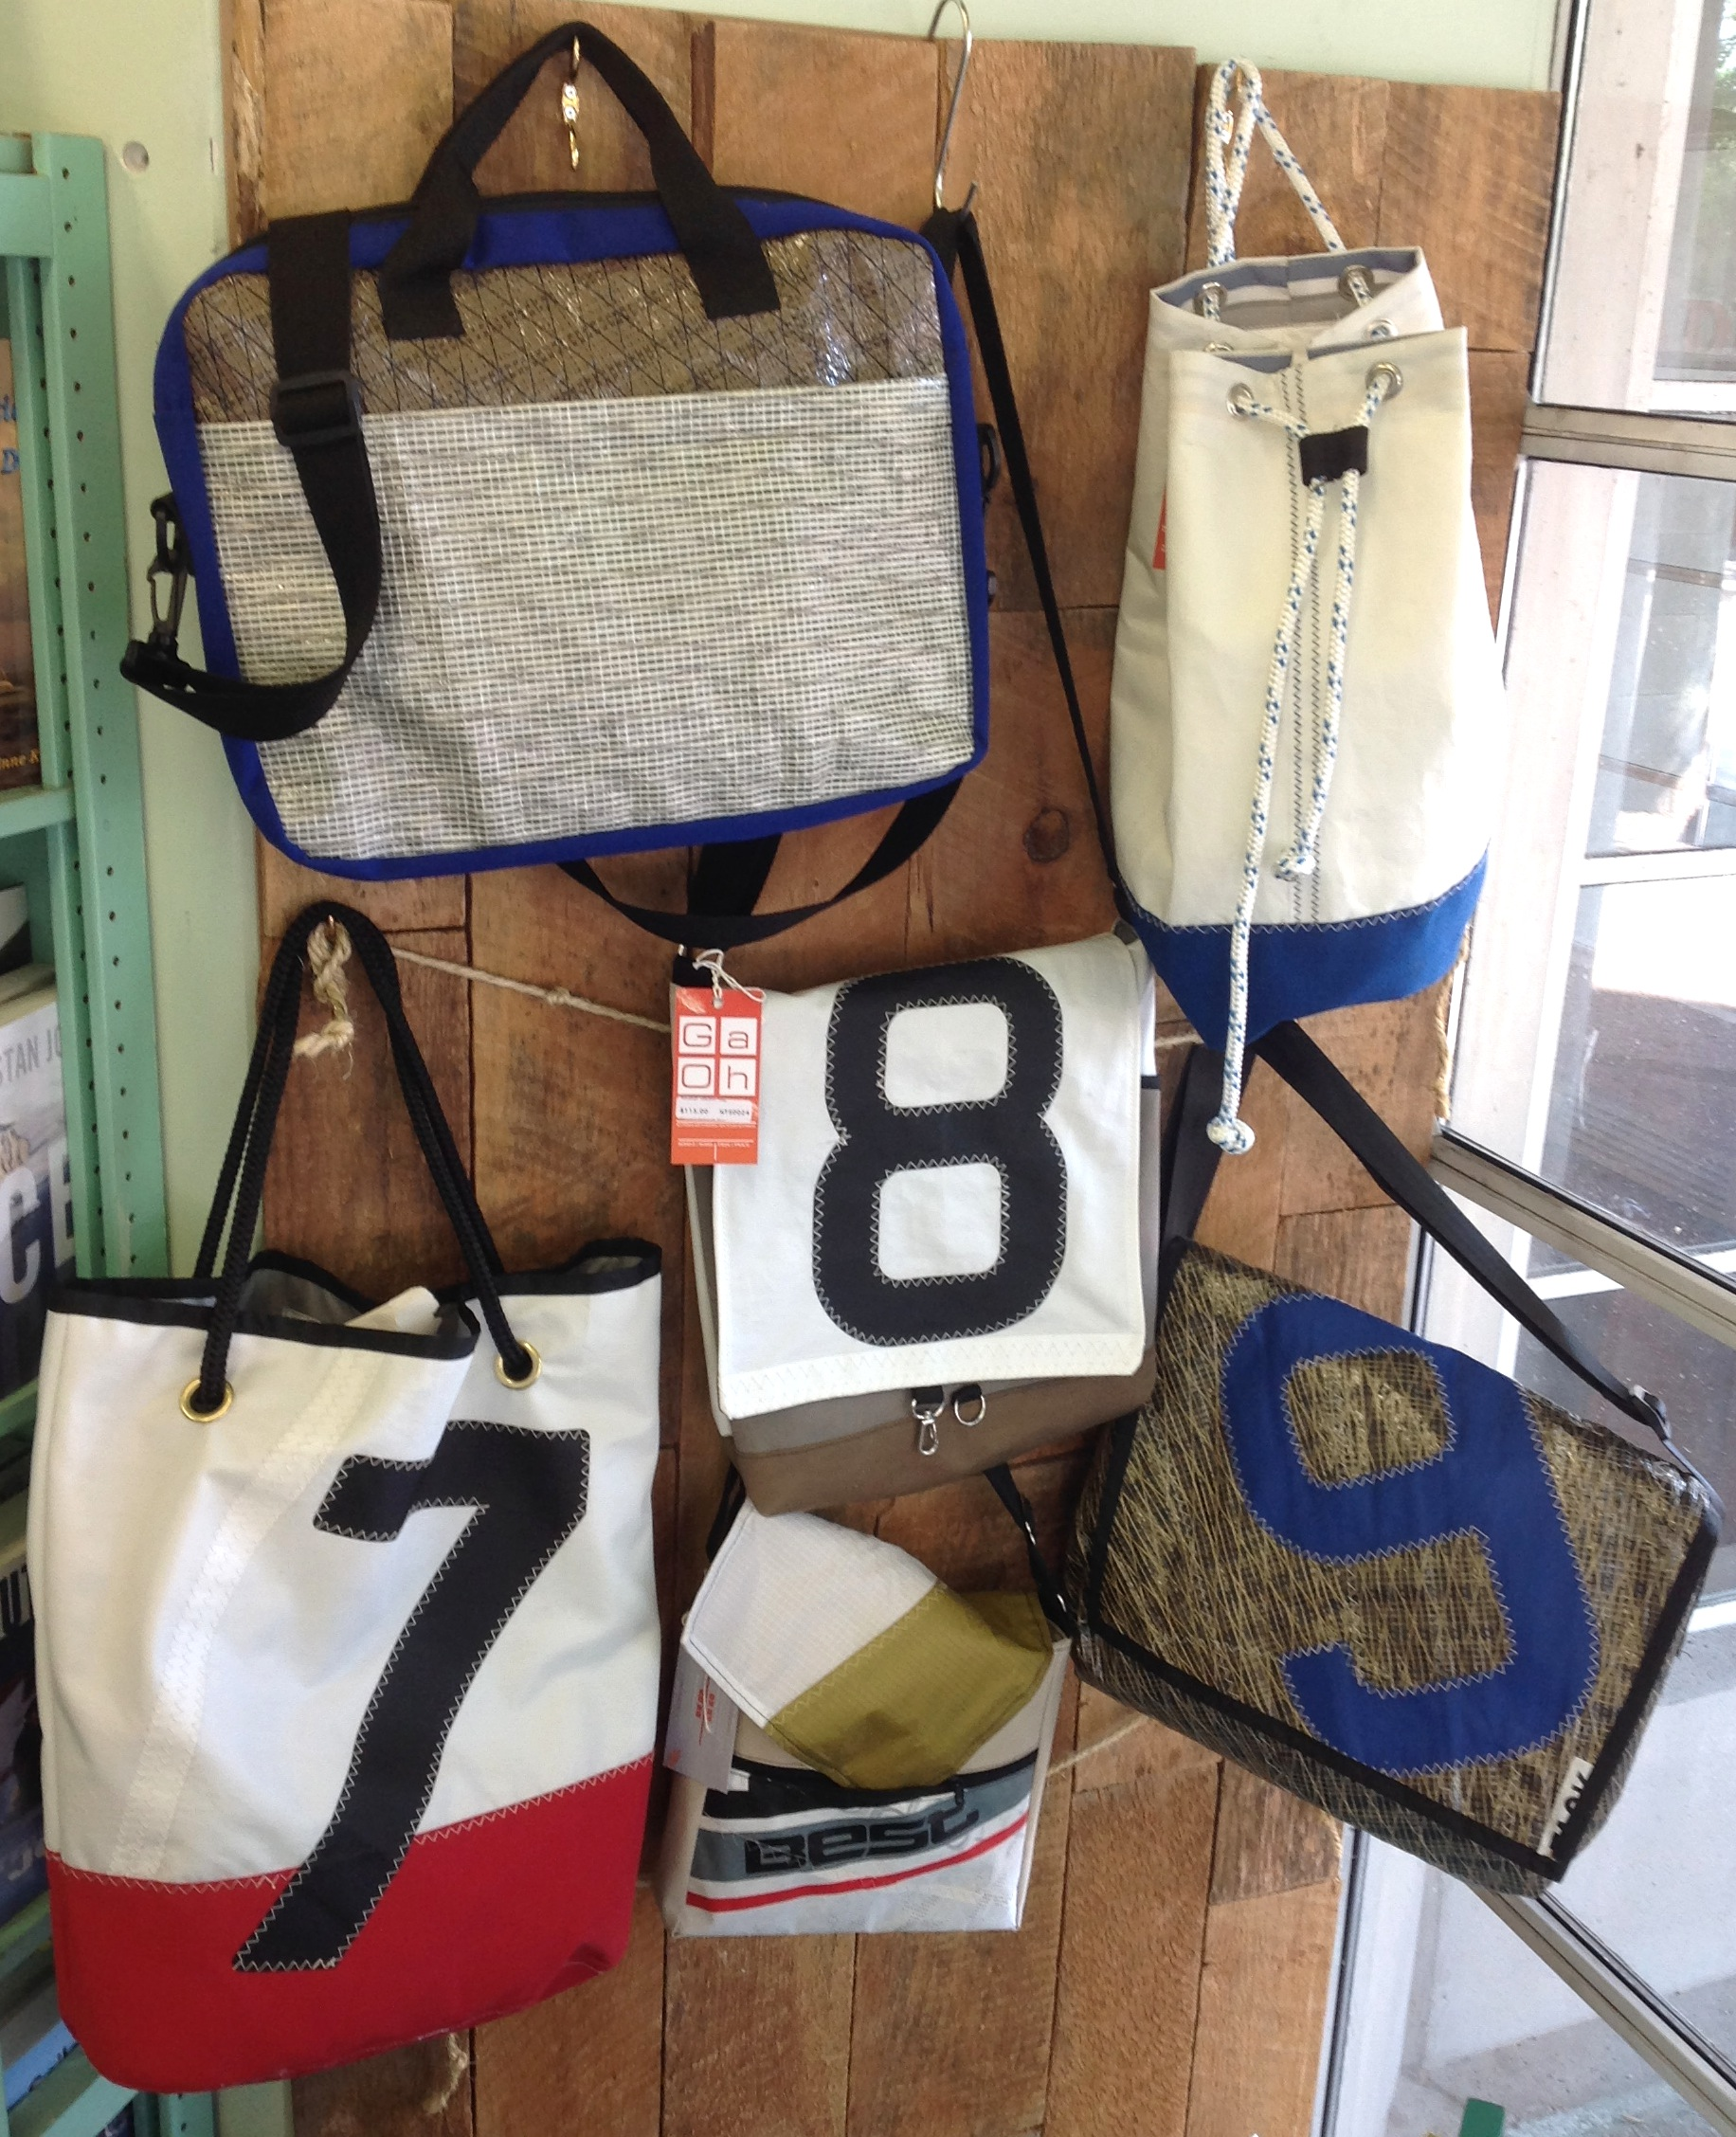 gaoh-sailcloth-bags-2